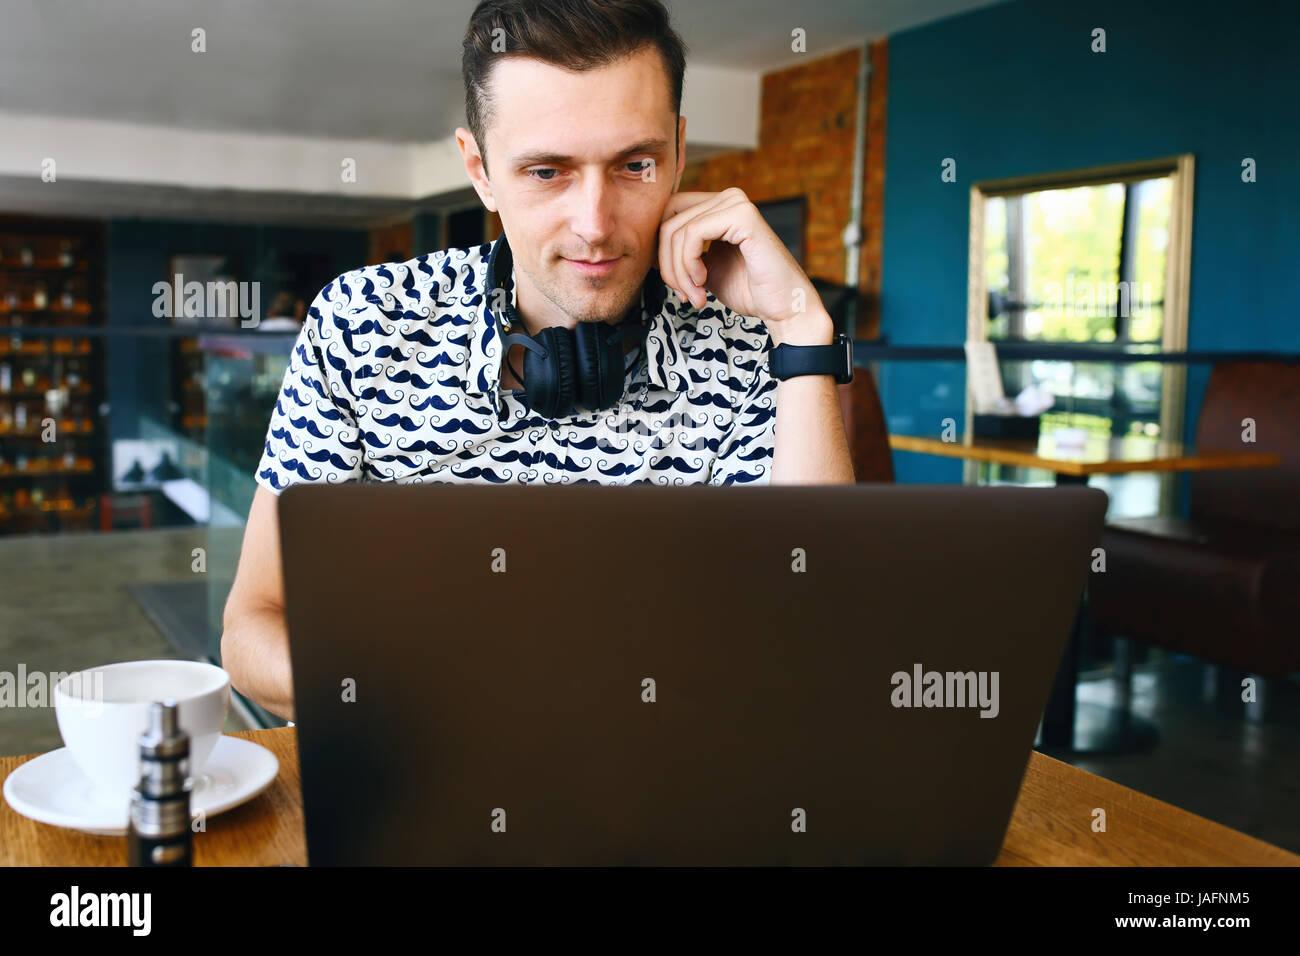 Attractive male travailleur est à l'aide d'ordinateur dans une cafétéria Photo Stock